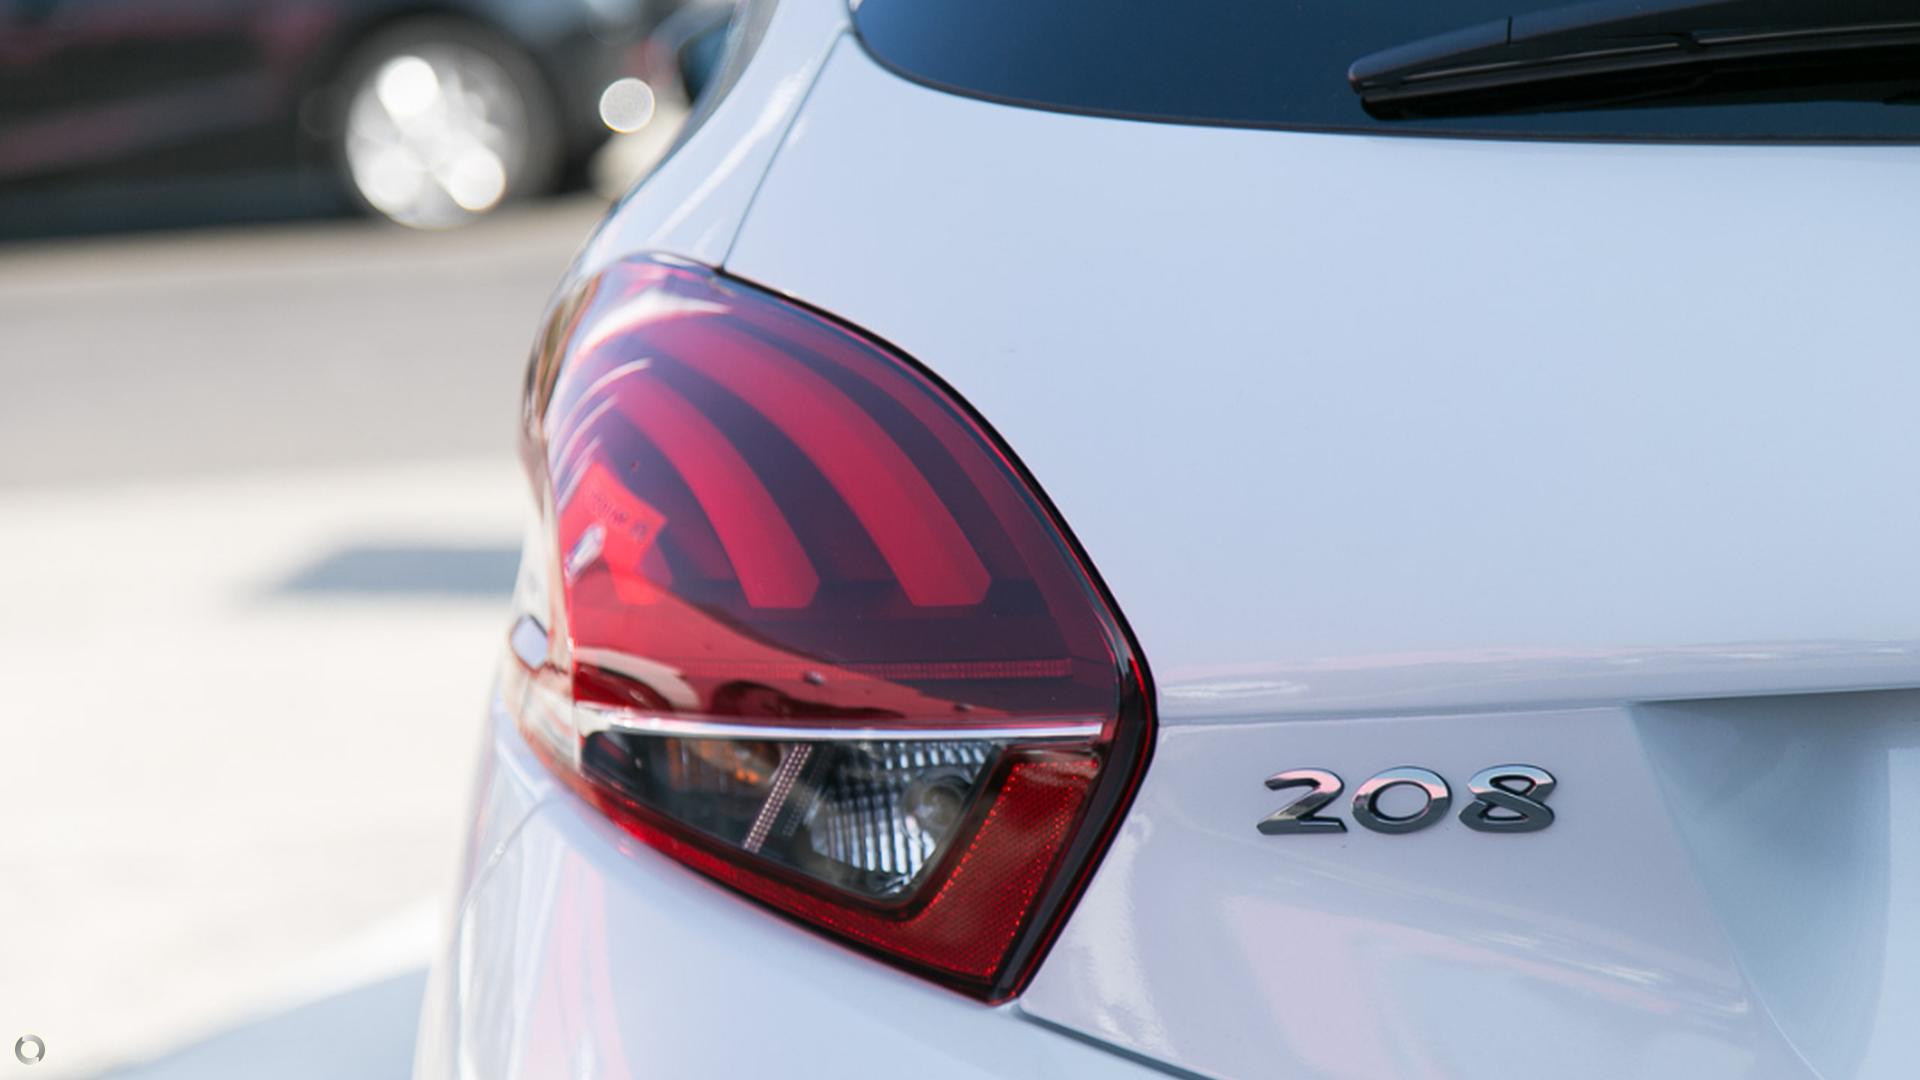 2018 Peugeot 208 GTi A9